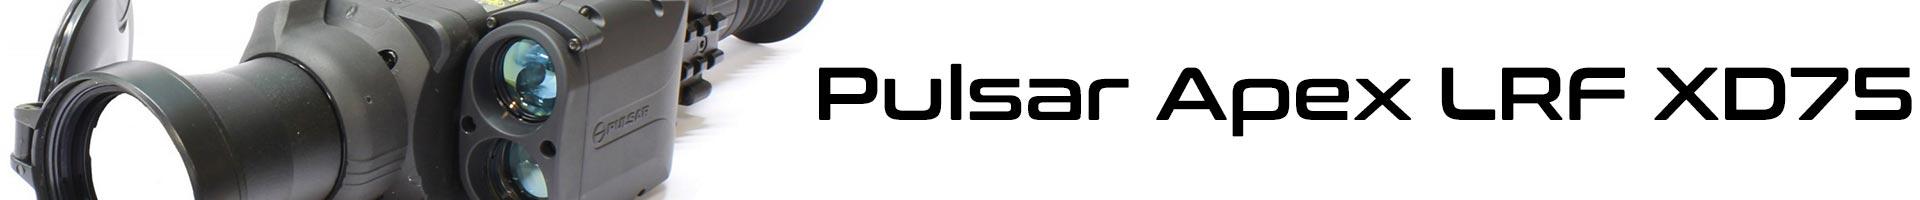 Купить pulsar Apex LRF XD75 с доставкой